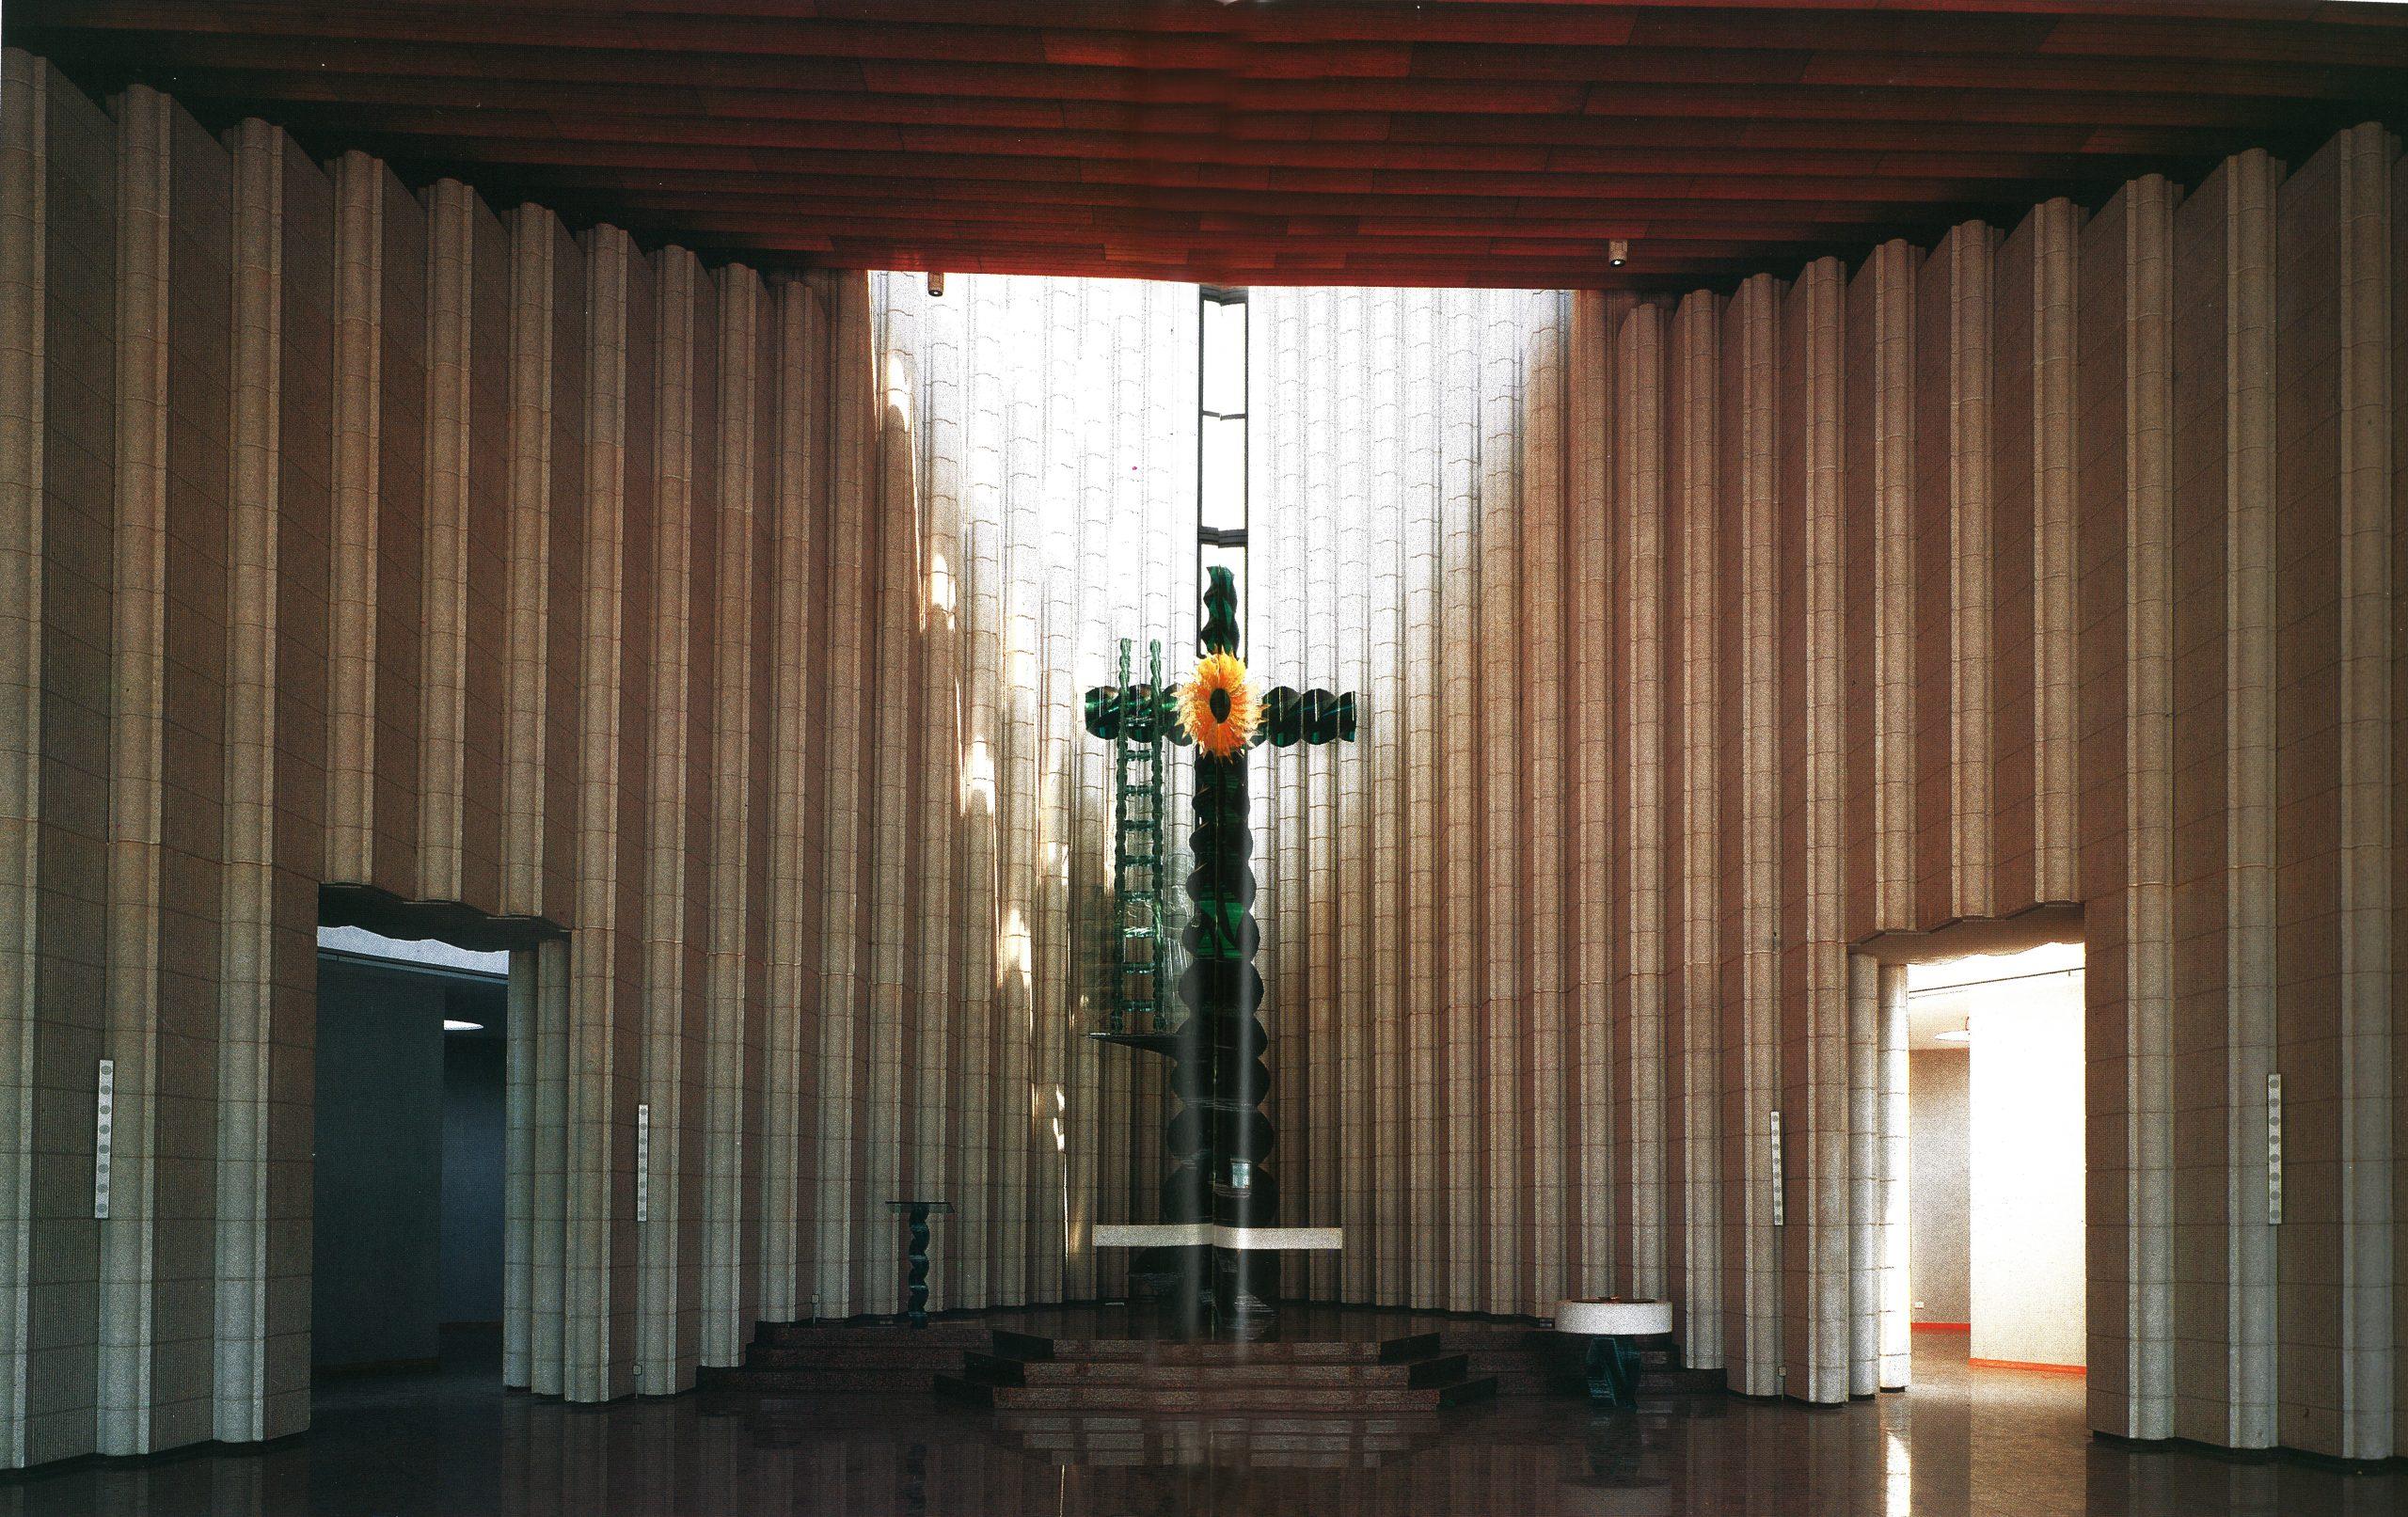 Chiesa di S.Carlo Borromeo